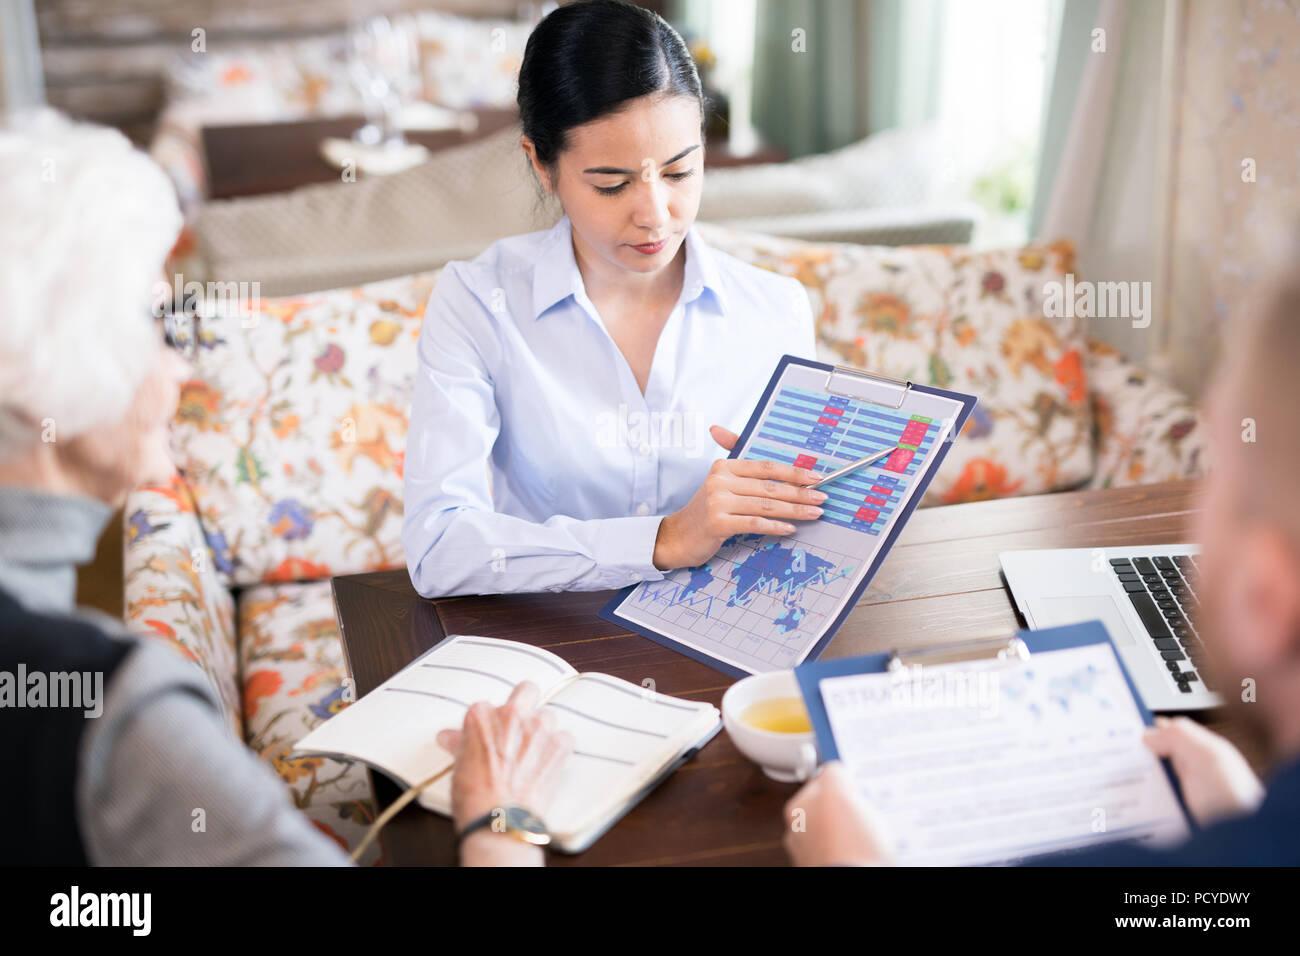 Presentación durante una reunión en el café Imagen De Stock